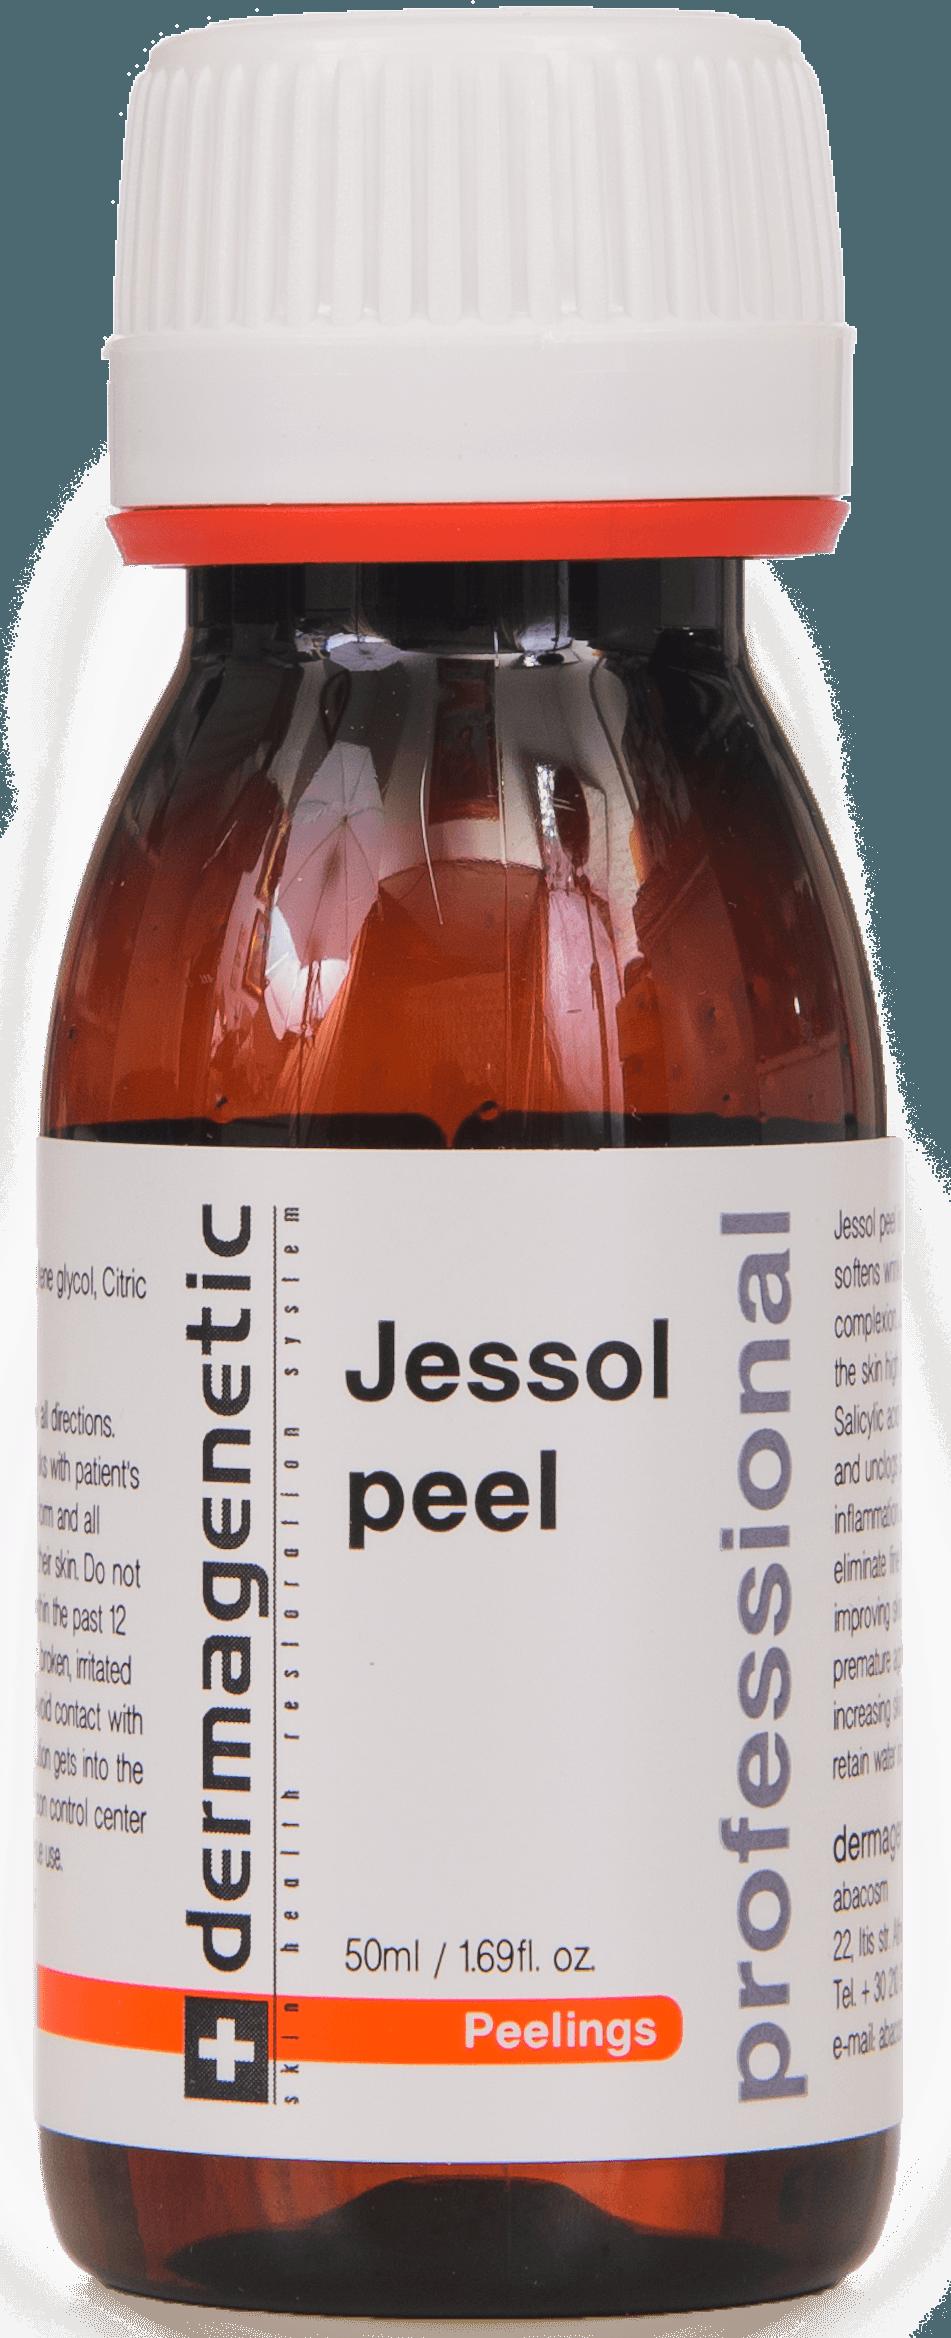 Jessol Peel